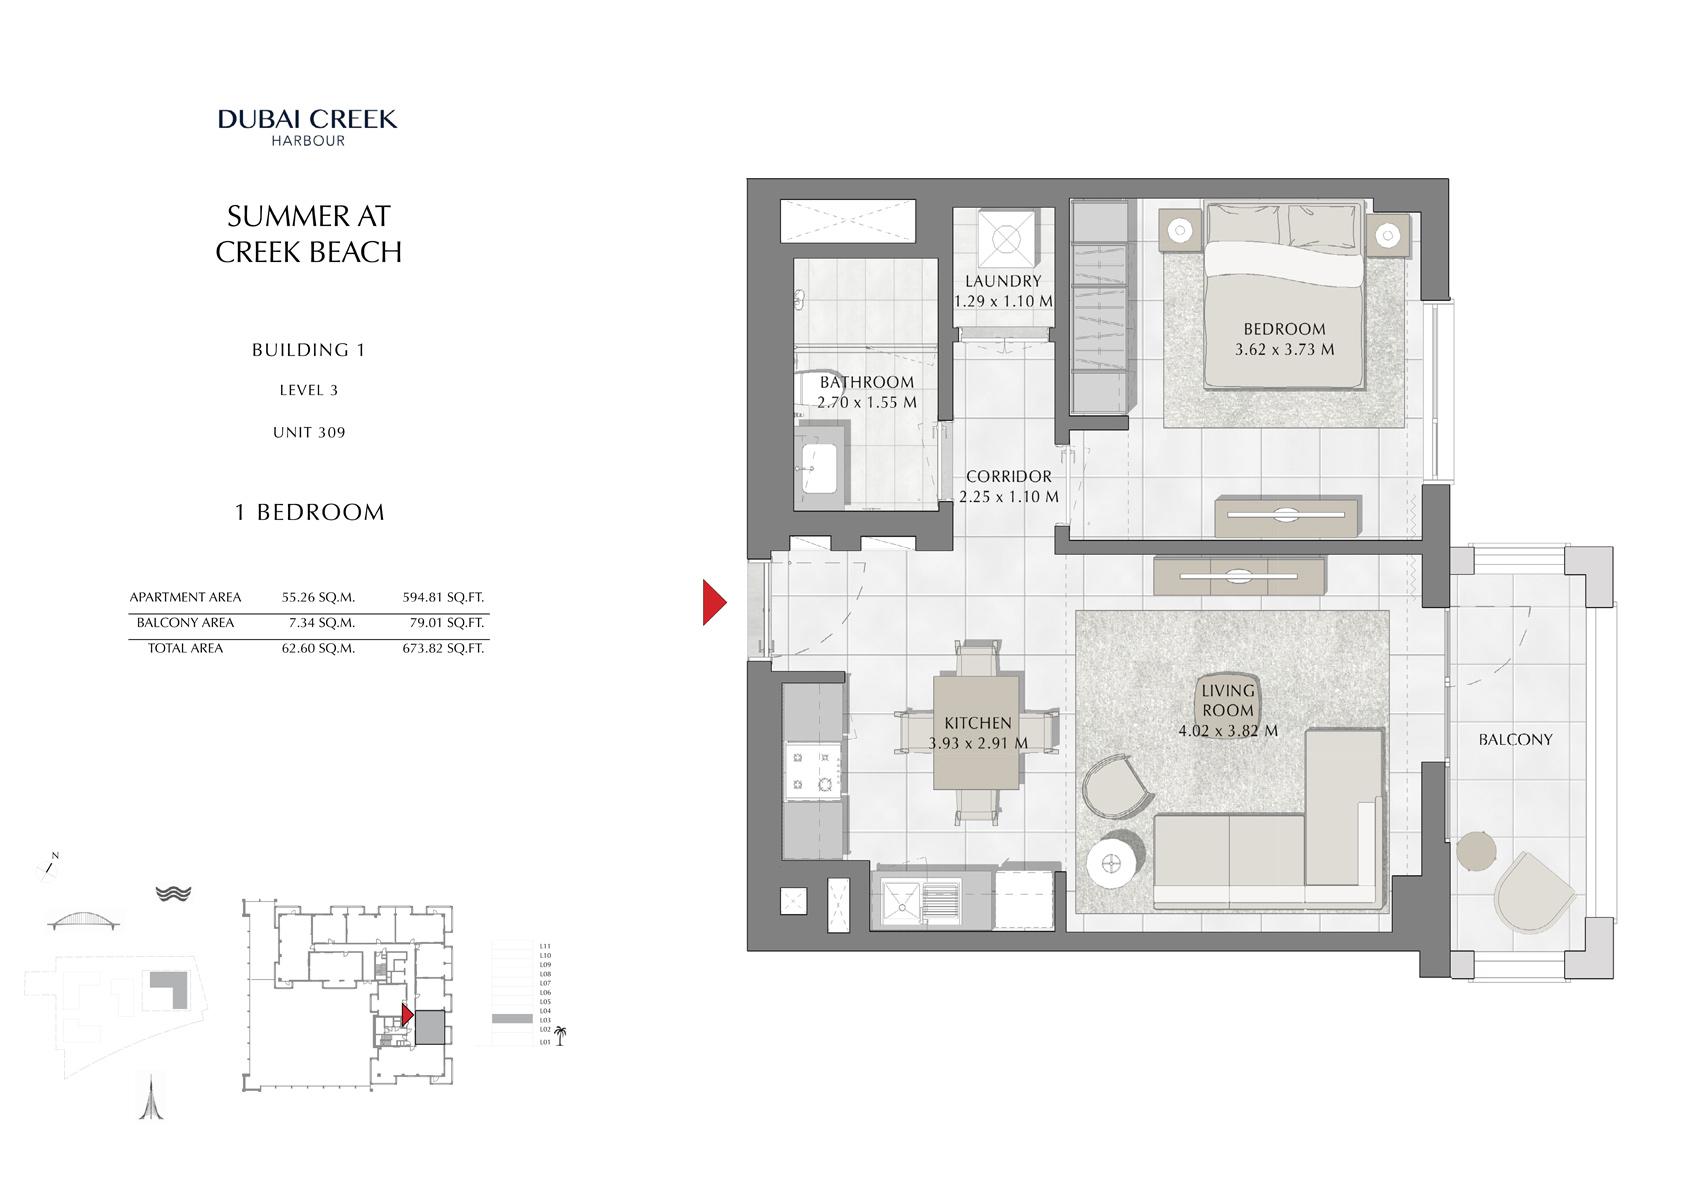 1 Br Building 1 Level 3 Unit 309, Size 673 Sq Ft